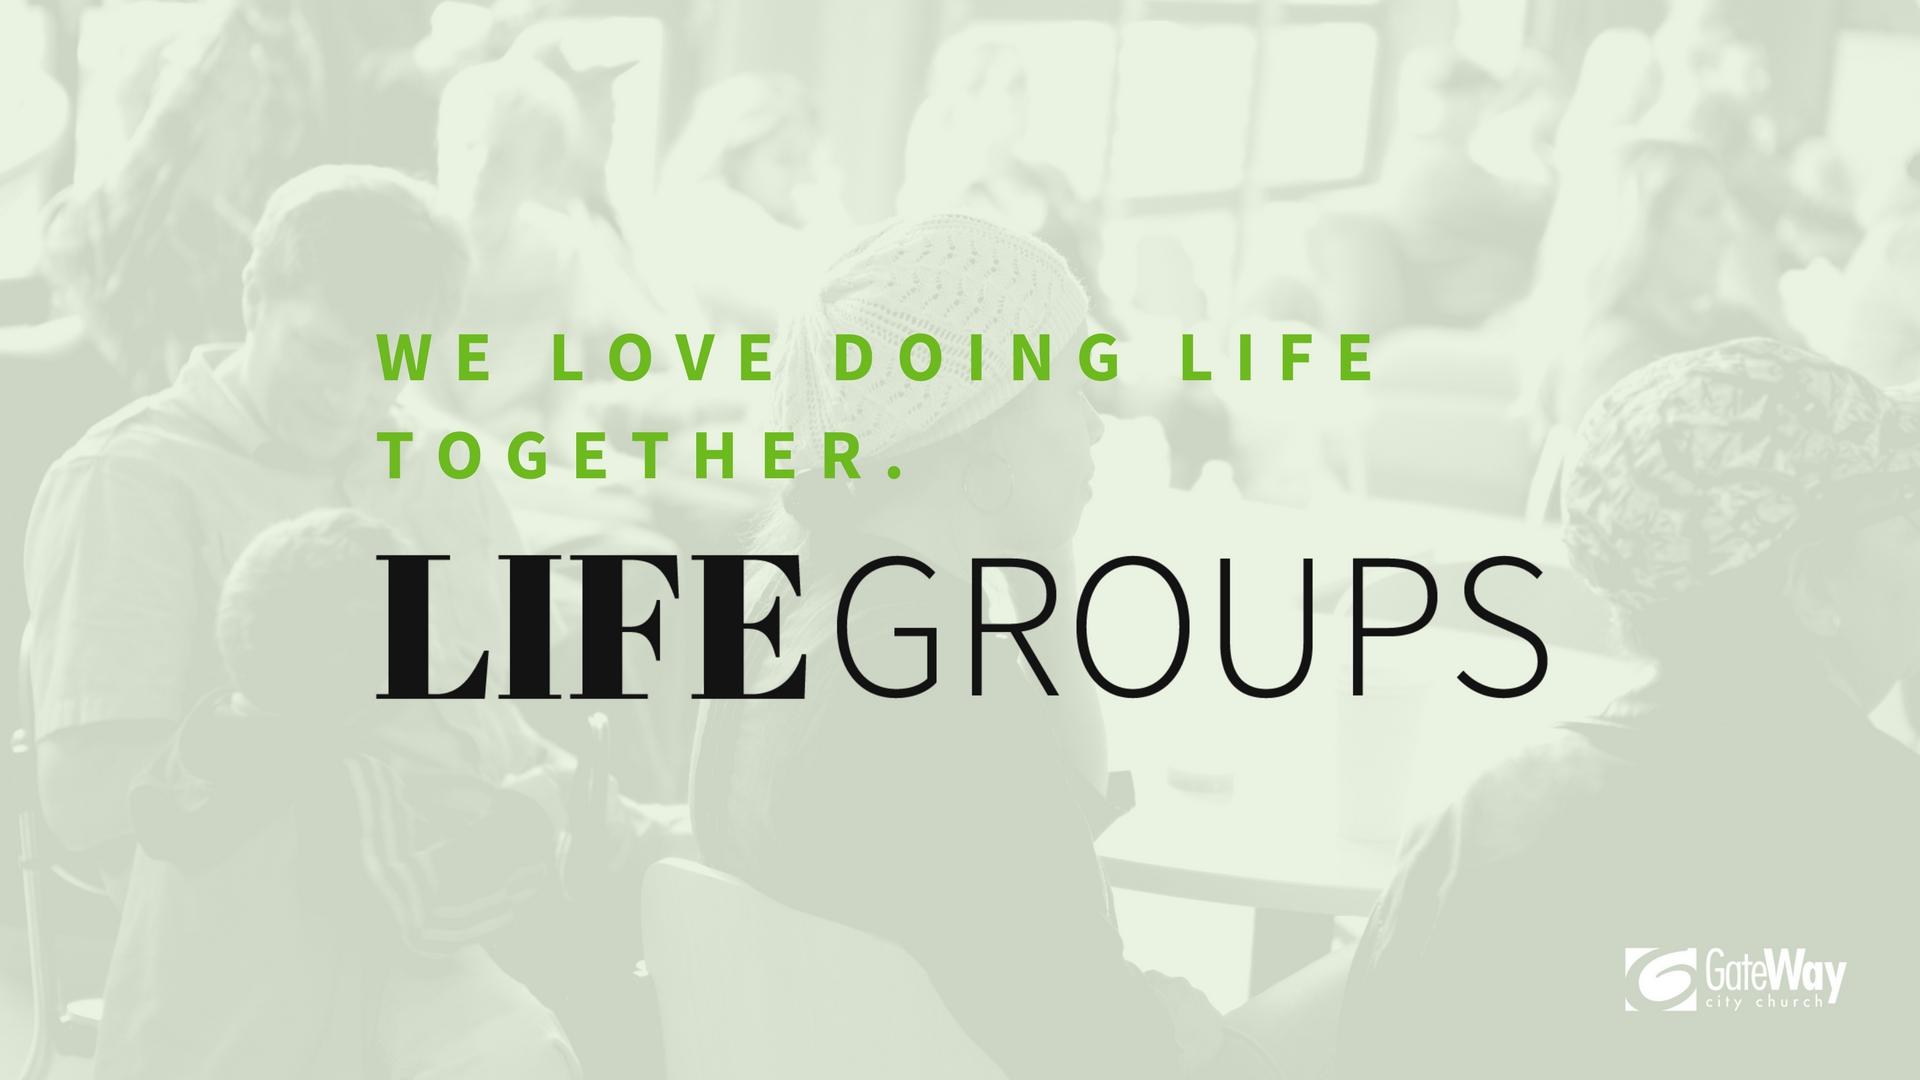 0e6580967_1524602495_life-groups-new.jpg